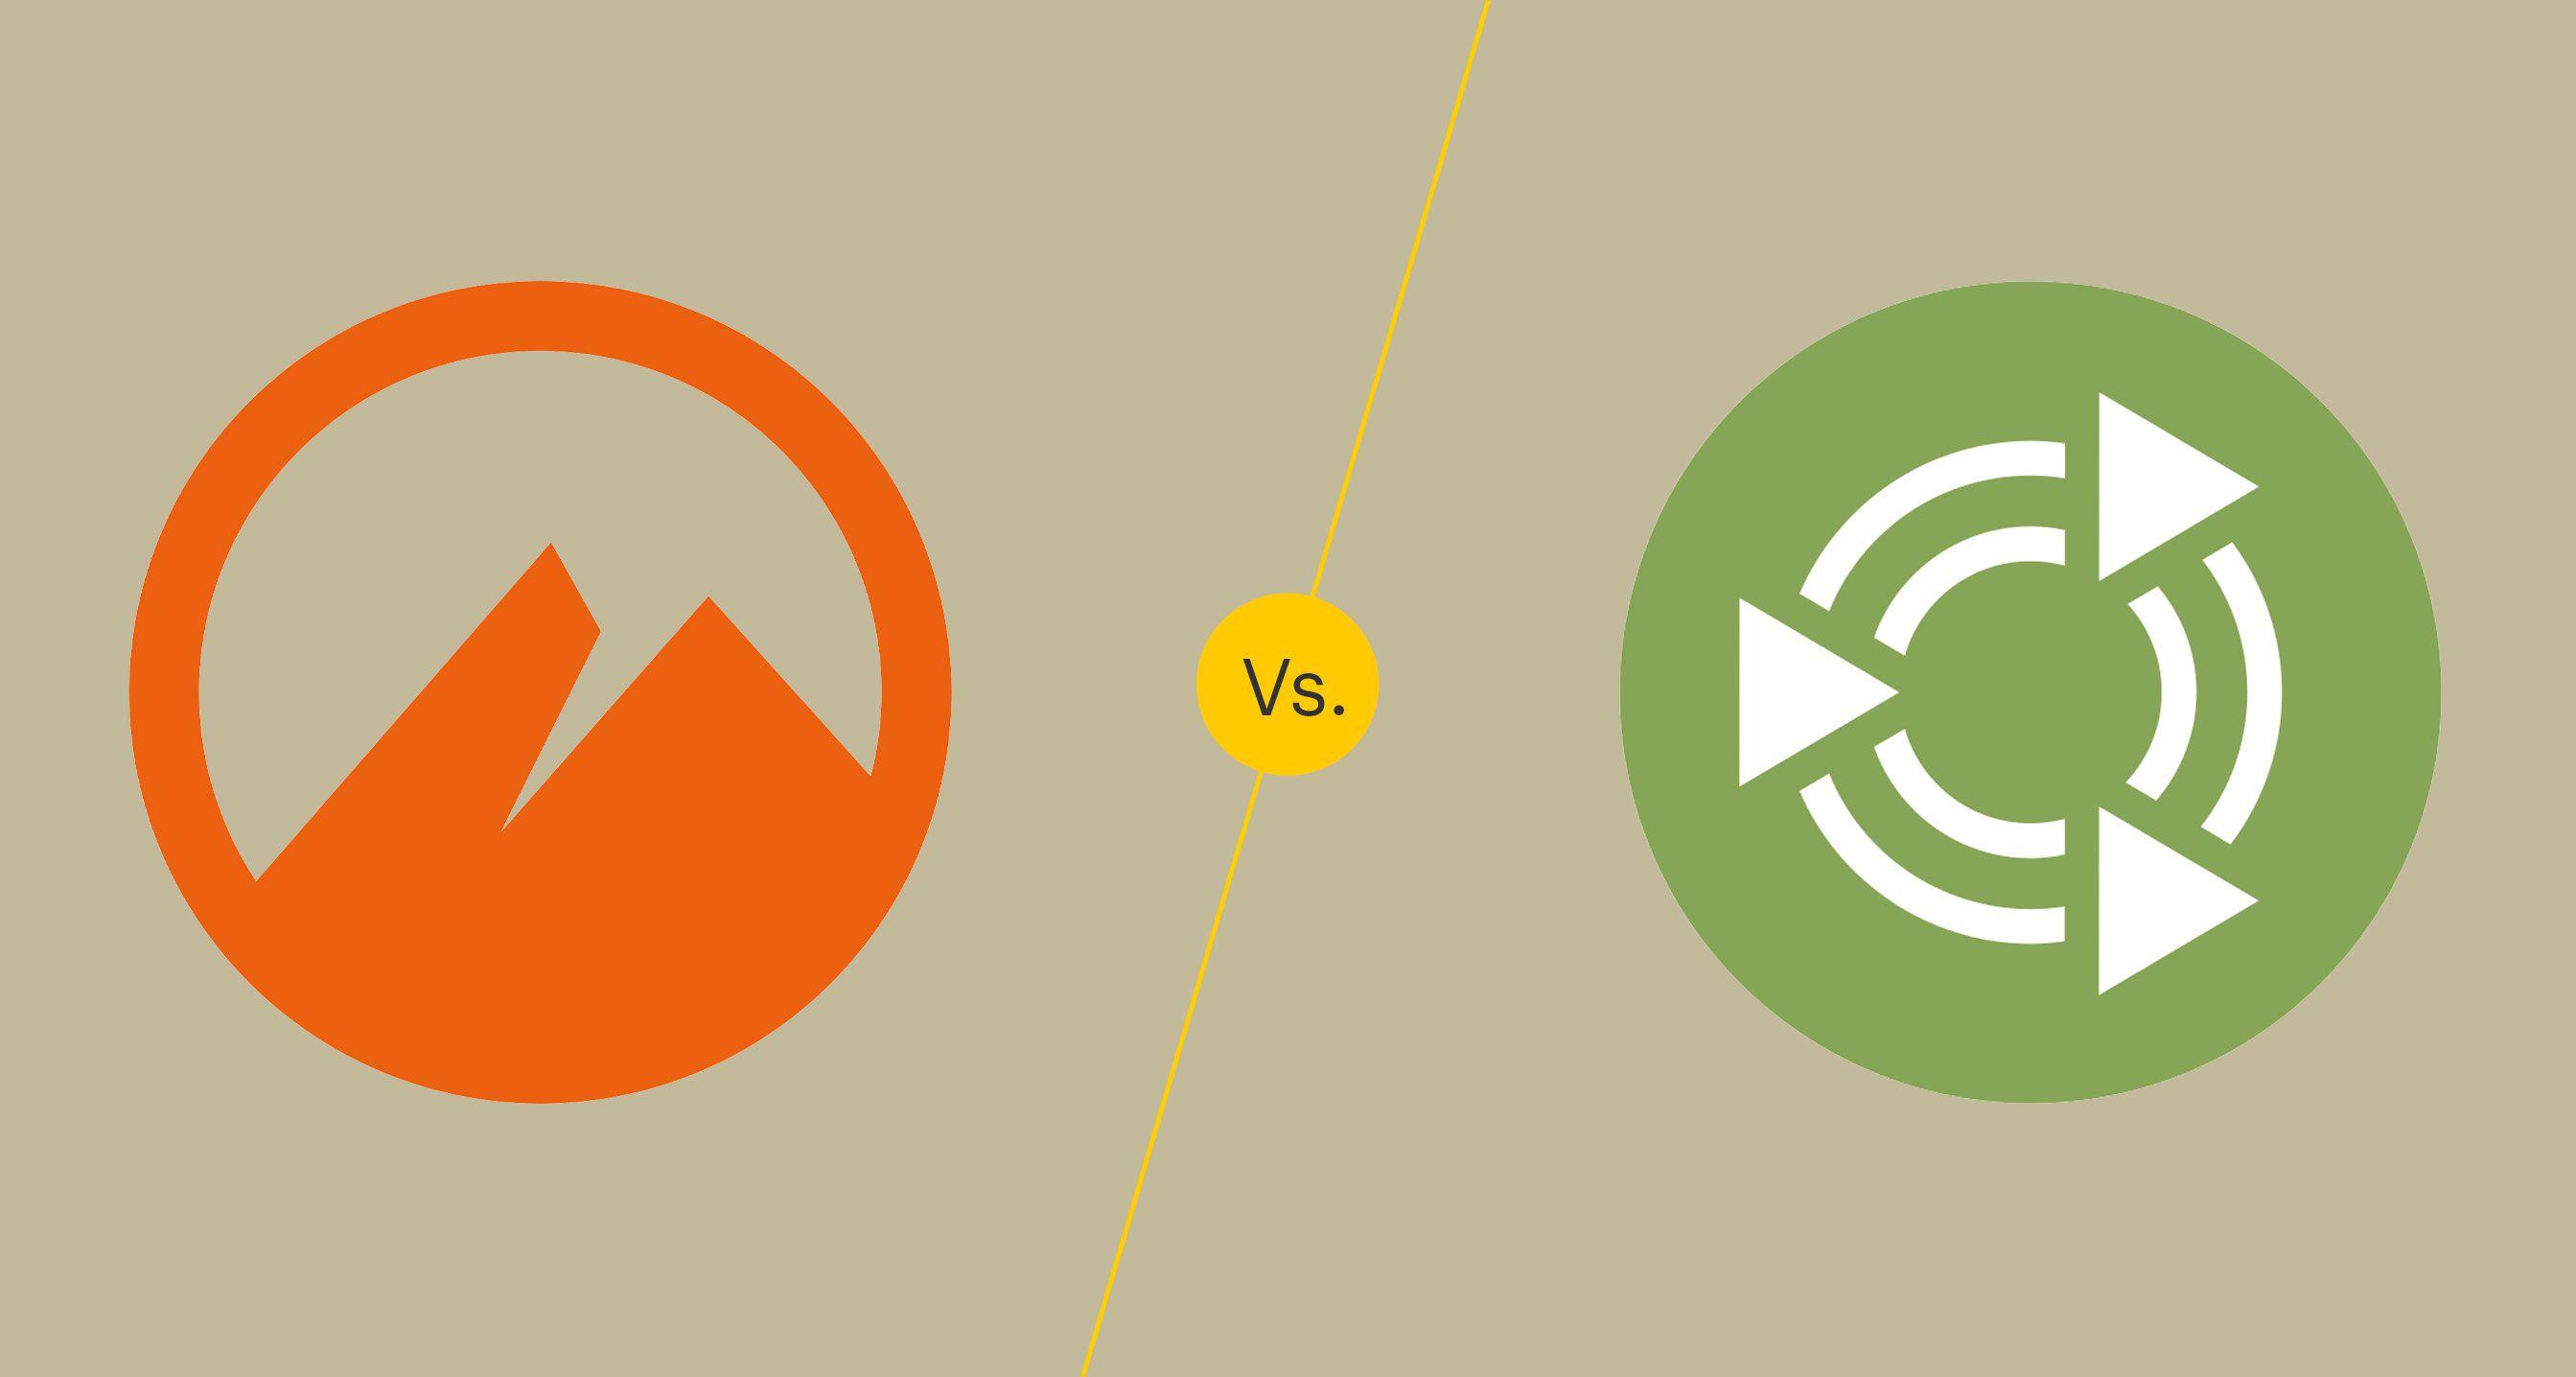 Cinnamon vs MATE